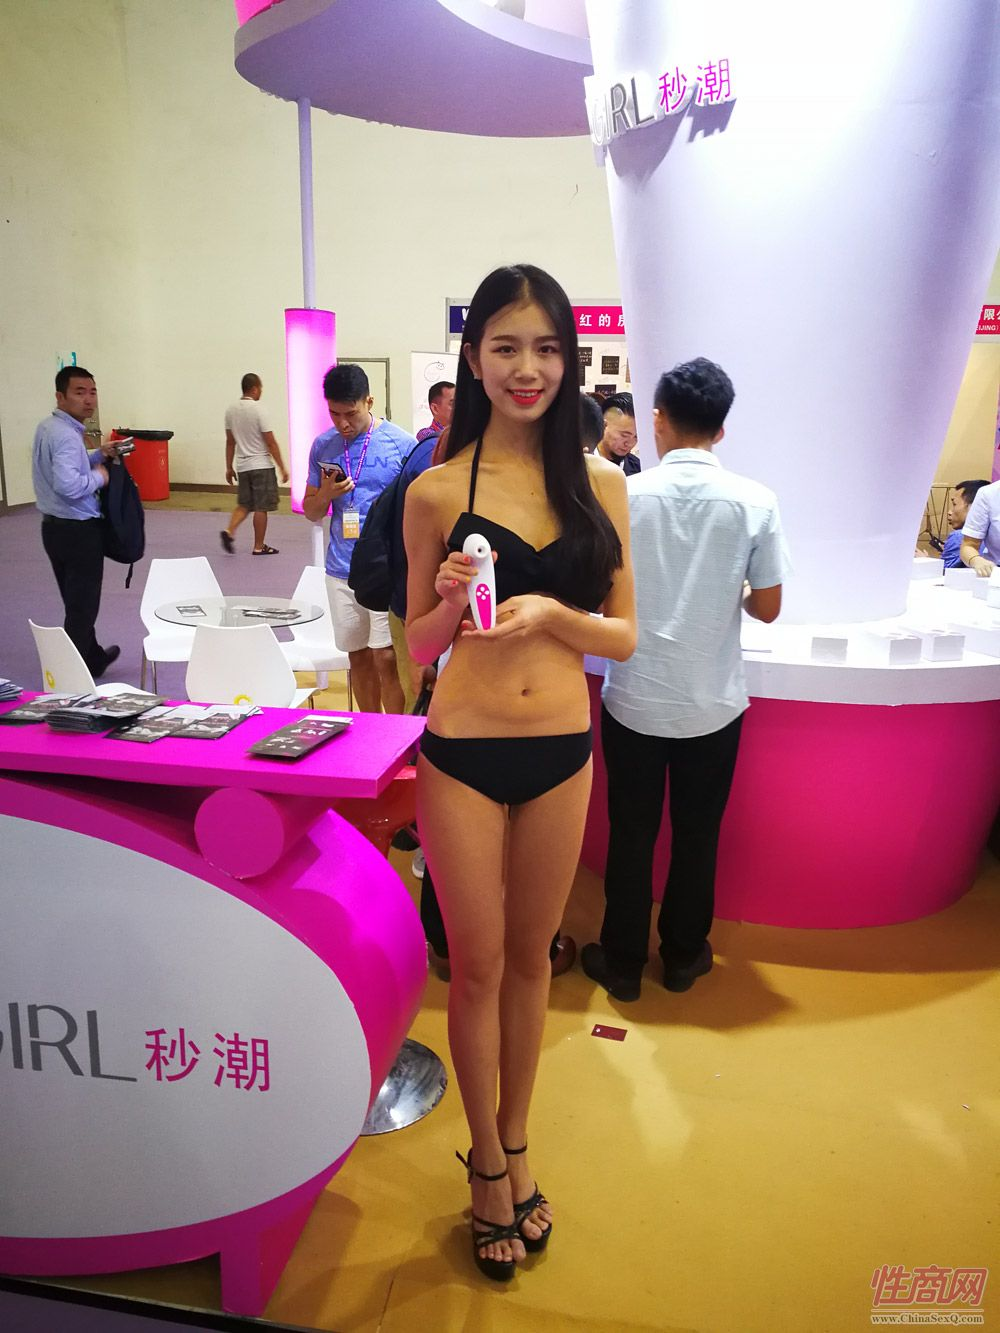 2017中国(武汉)成人展开幕式及展会现场图片29